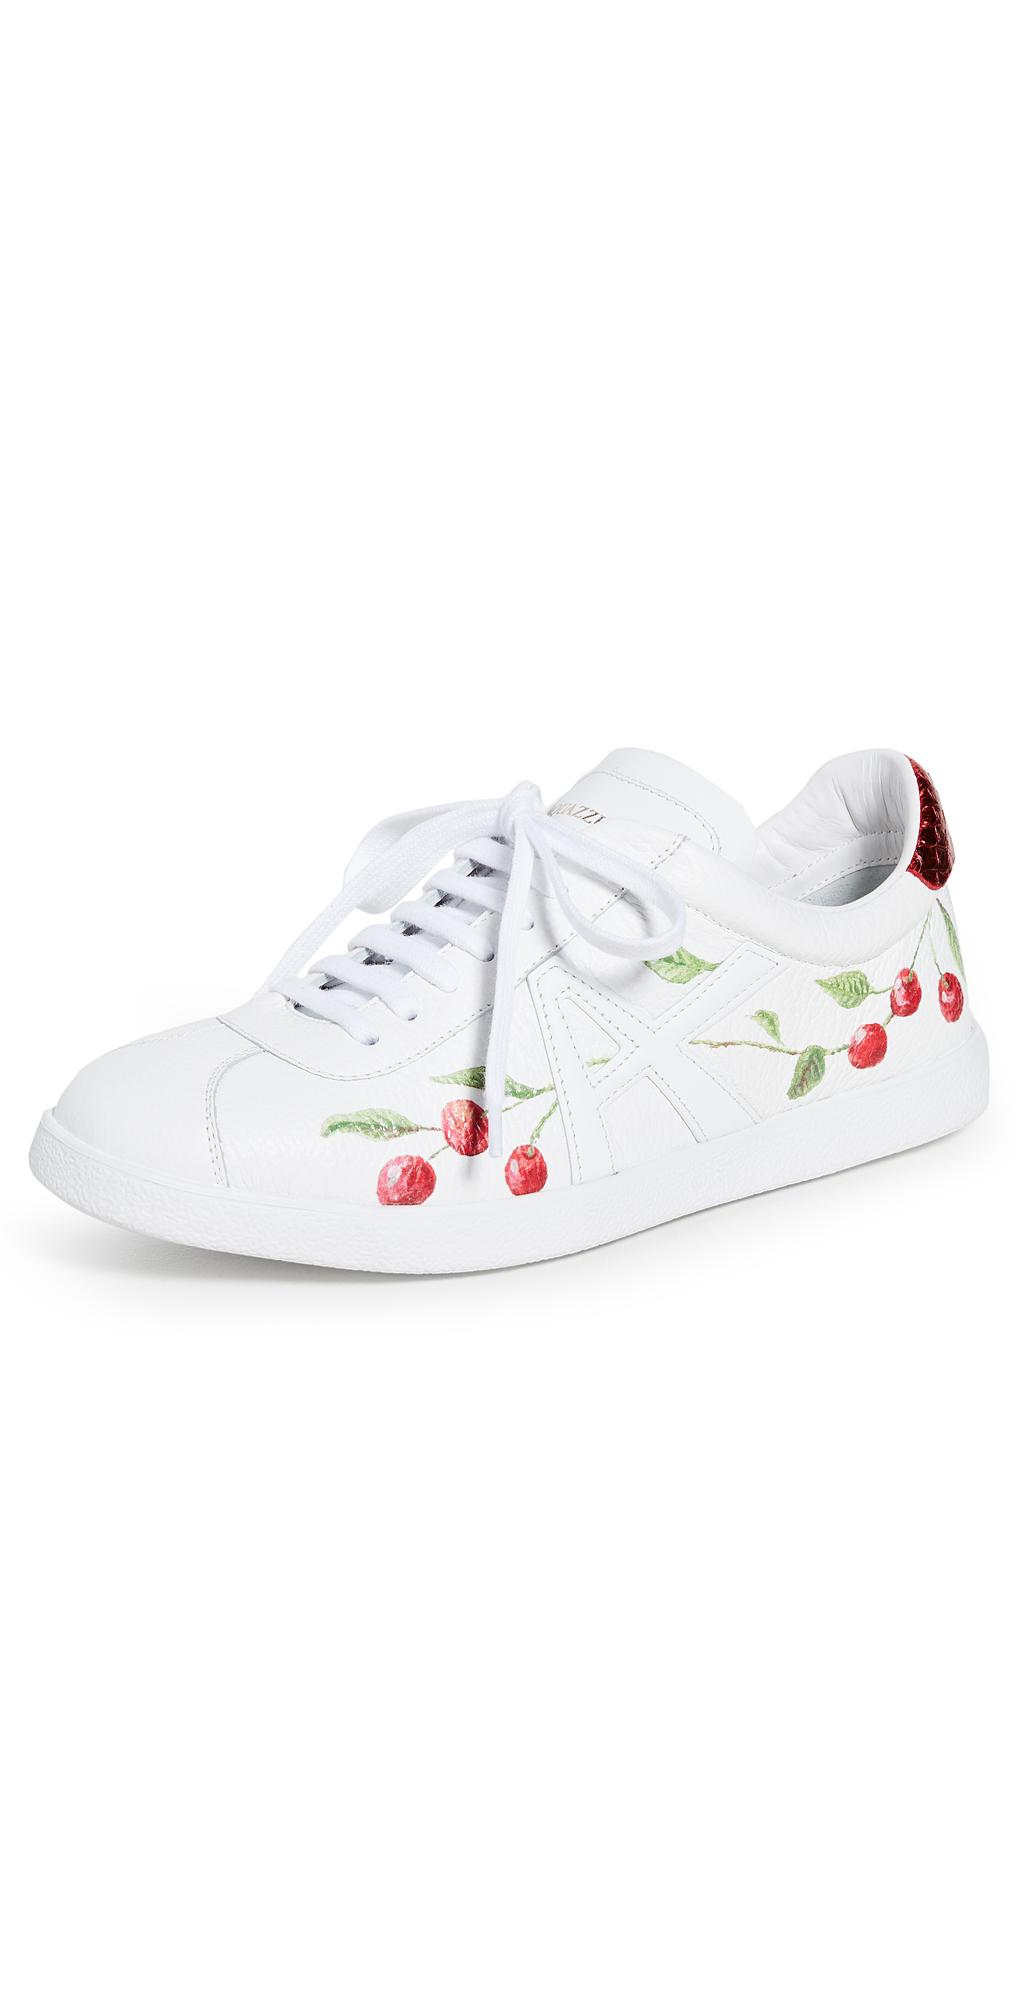 Aquazzura The A Sneakers In Cherry